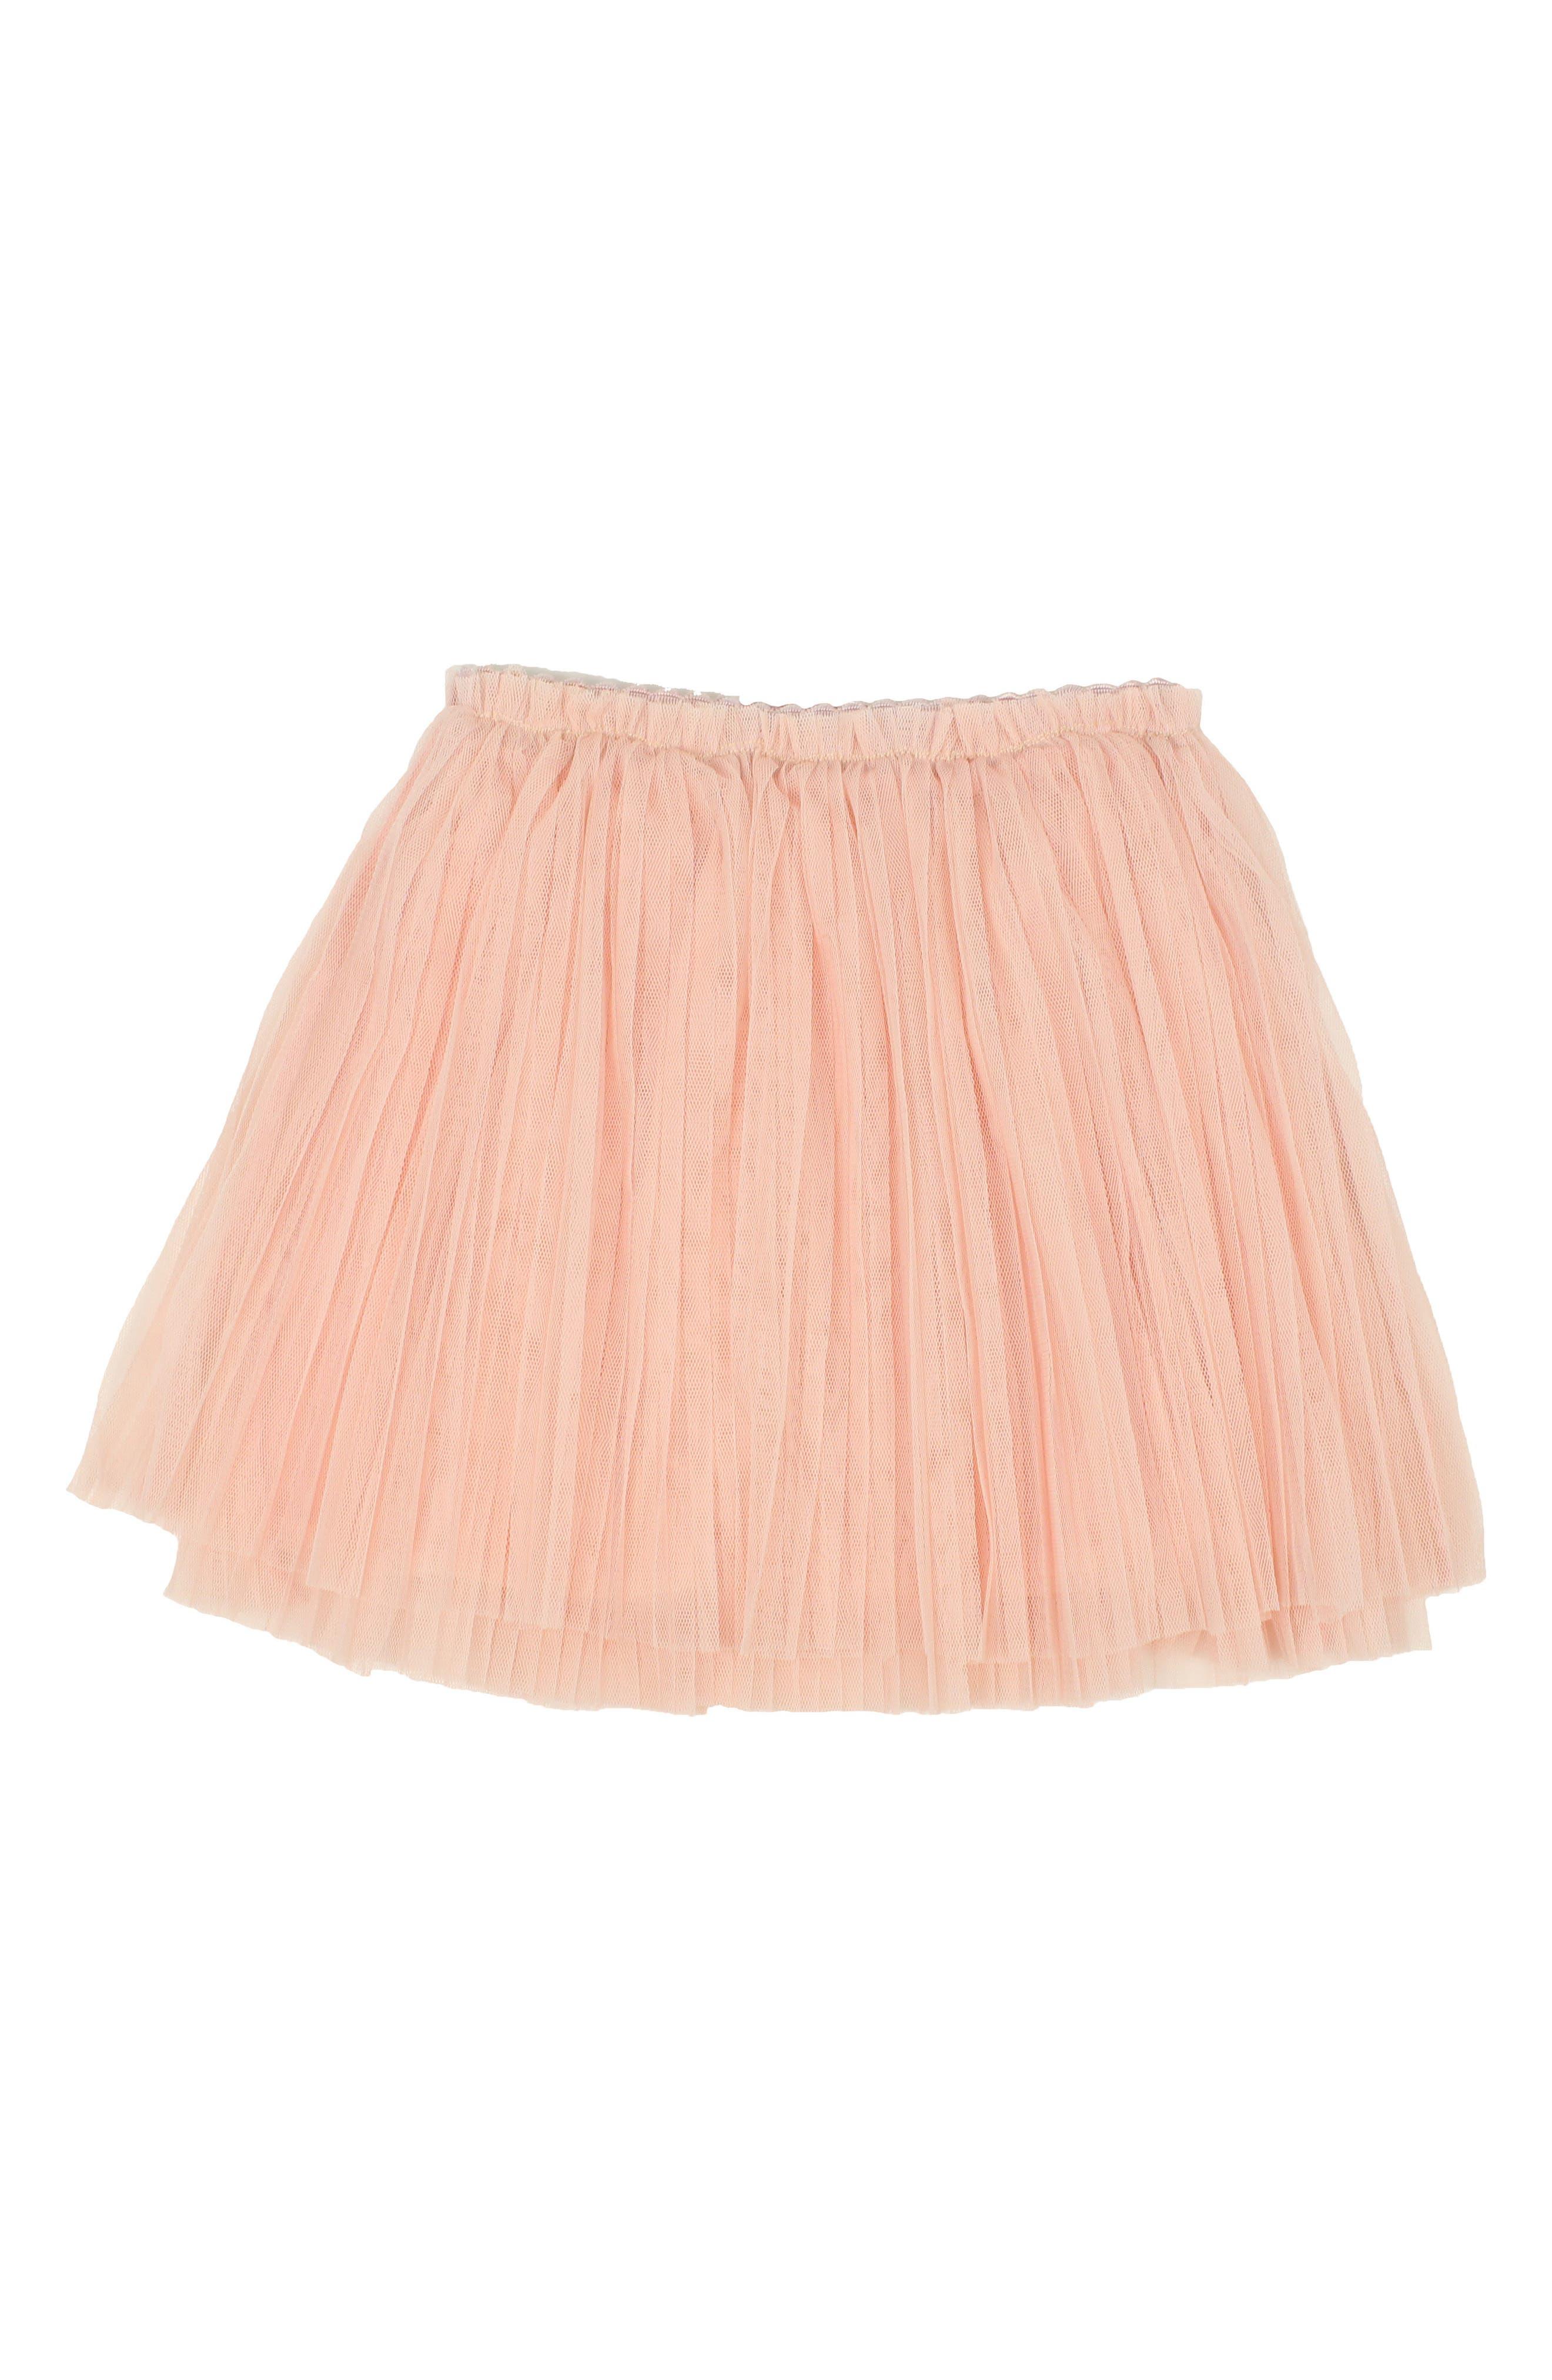 Main Image - Popatu Pleated Tulle Skirt (Toddler Girls & Little Girls)